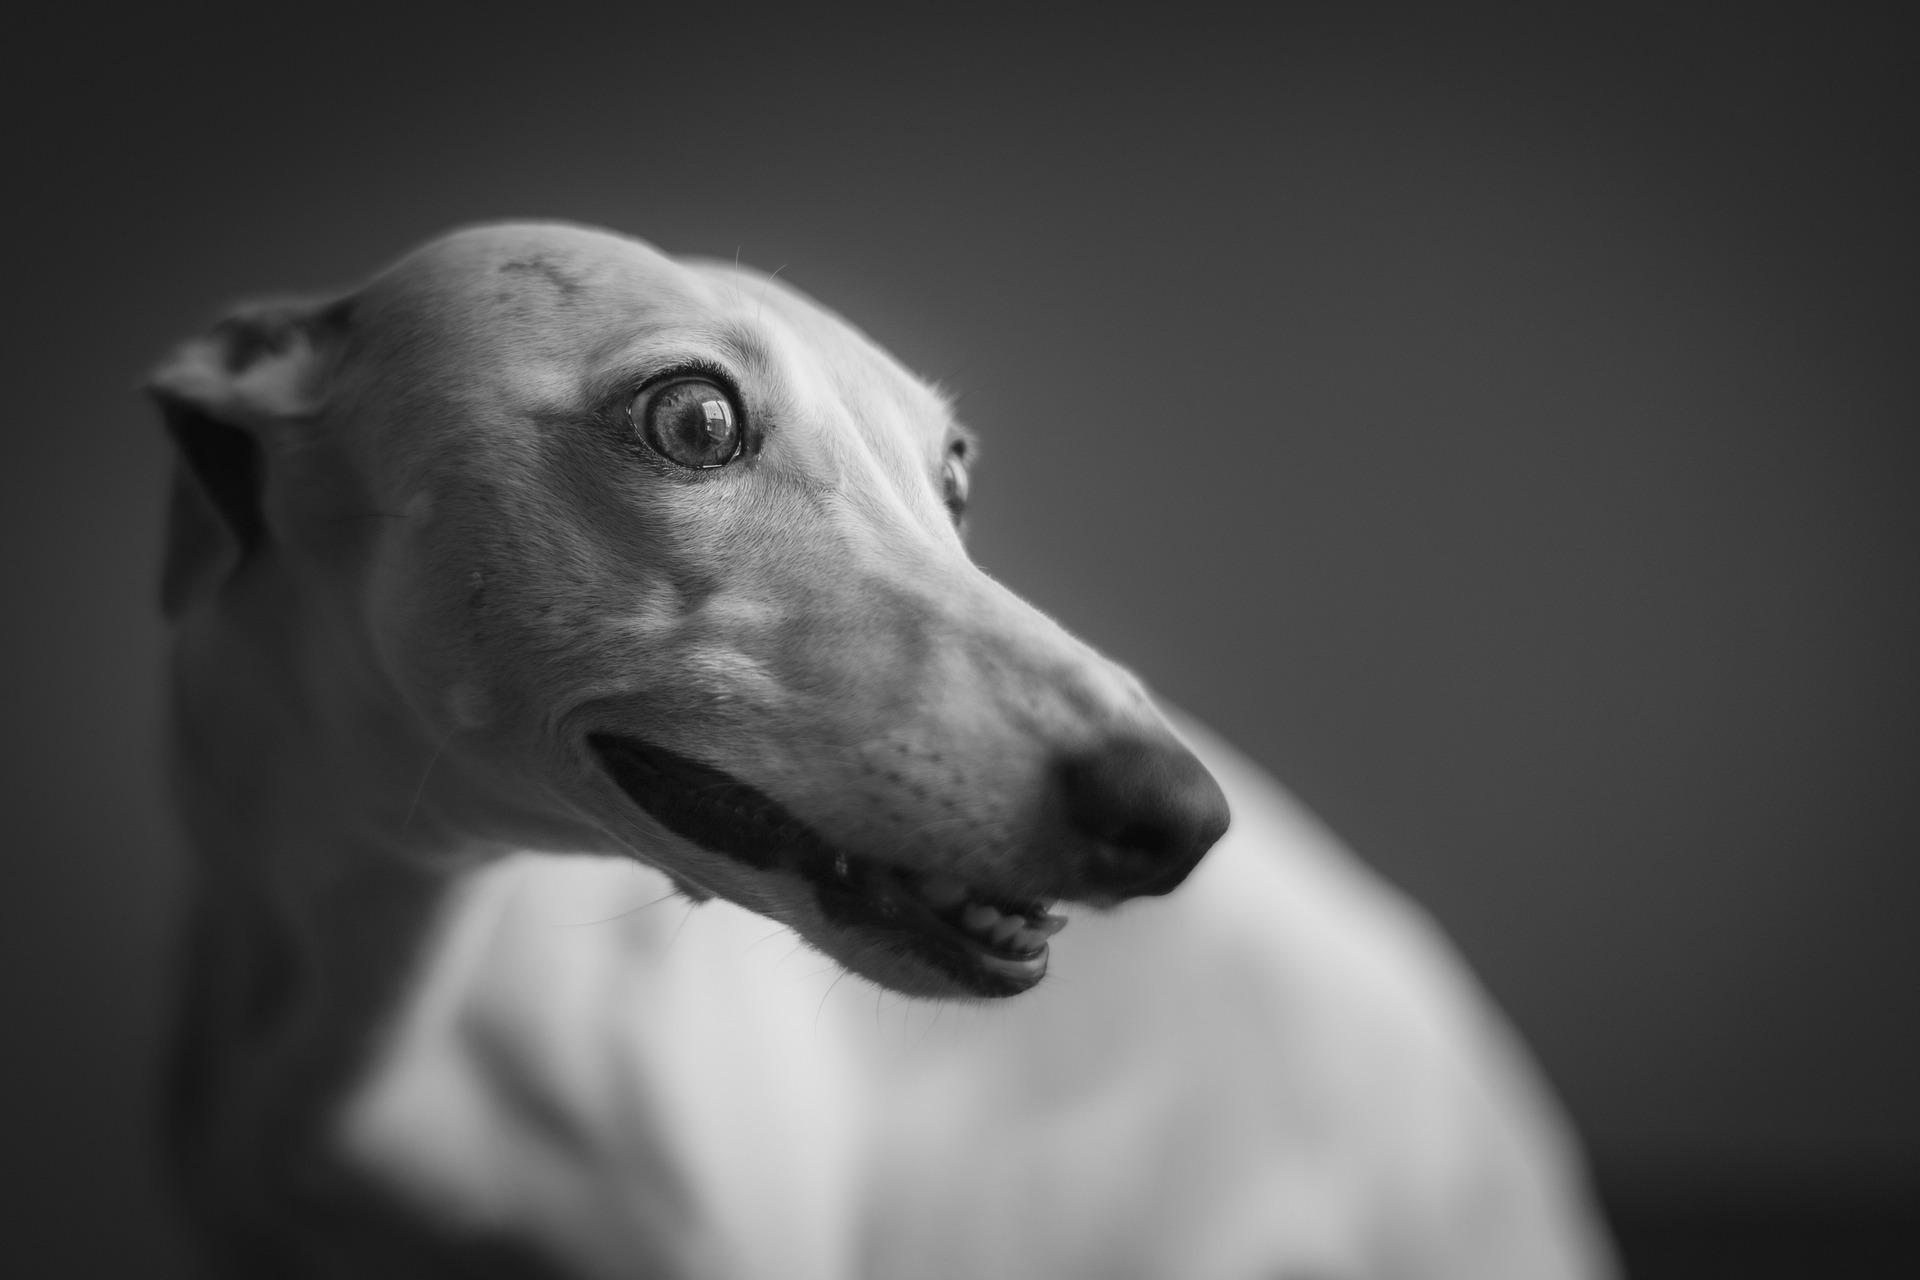 dog-4030566_1920